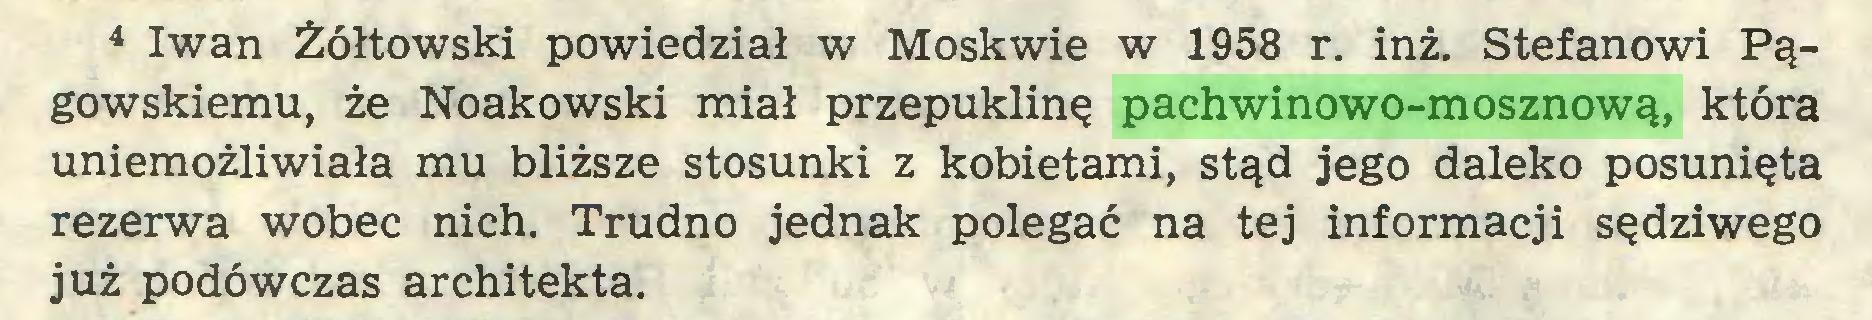 (...) 4 Iwan Żółtowski powiedział w Moskwie w 1958 r. inż. Stefanowi Pągowskiemu, że Noakowski miał przepuklinę pachwinowo-mosznową, która uniemożliwiała mu bliższe stosunki z kobietami, stąd jego daleko posunięta rezerwa wobec nich. Trudno jednak polegać na tej informacji sędziwego już podówczas architekta...